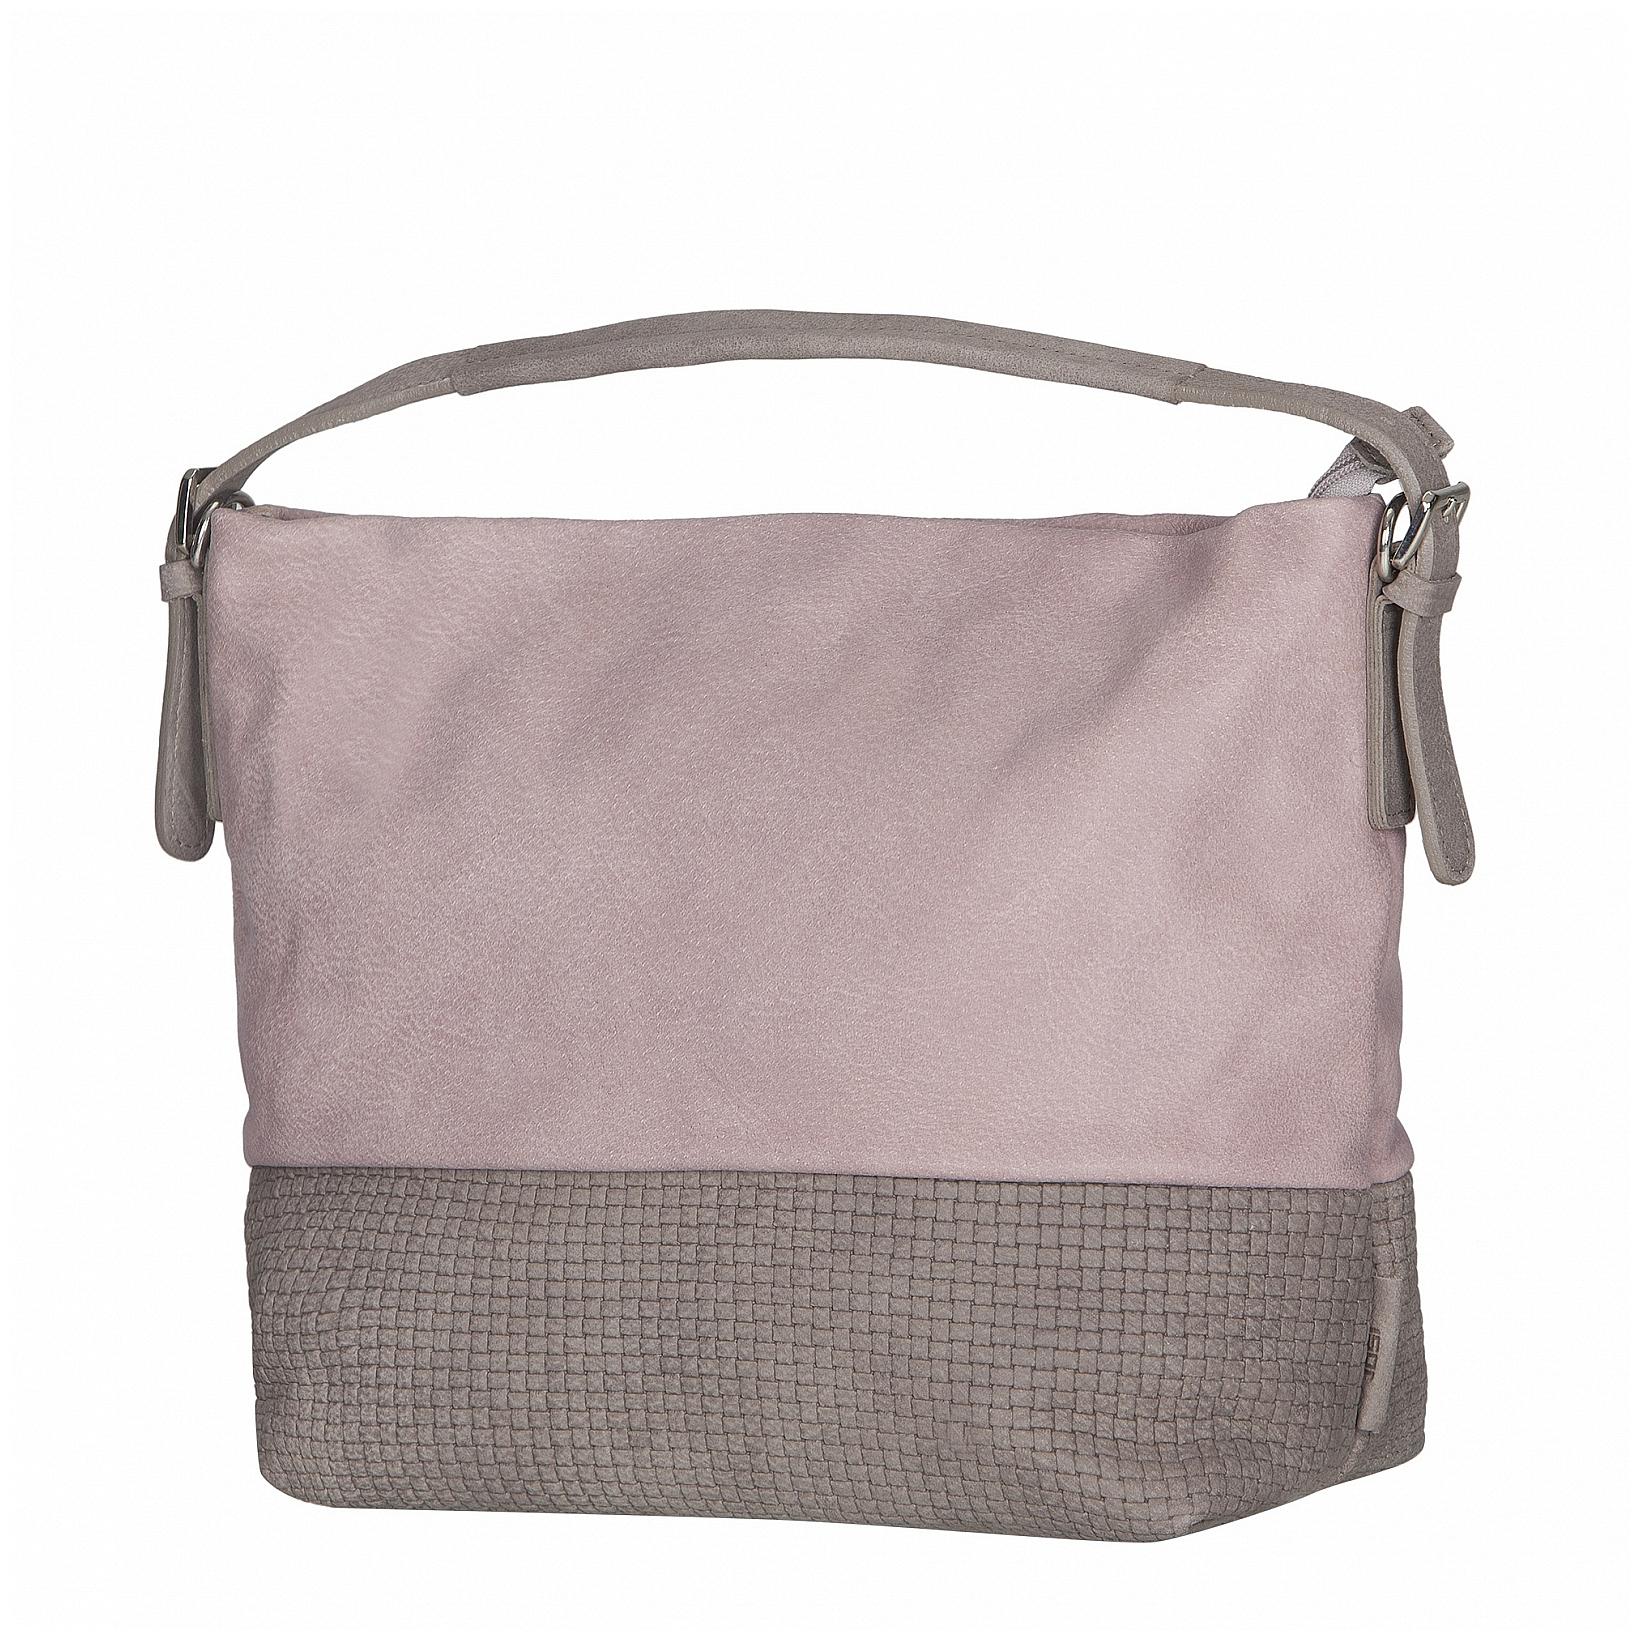 JOST Kožená kabelka TRECCIA 2584-995 růžovo-béžová 741b7026a73